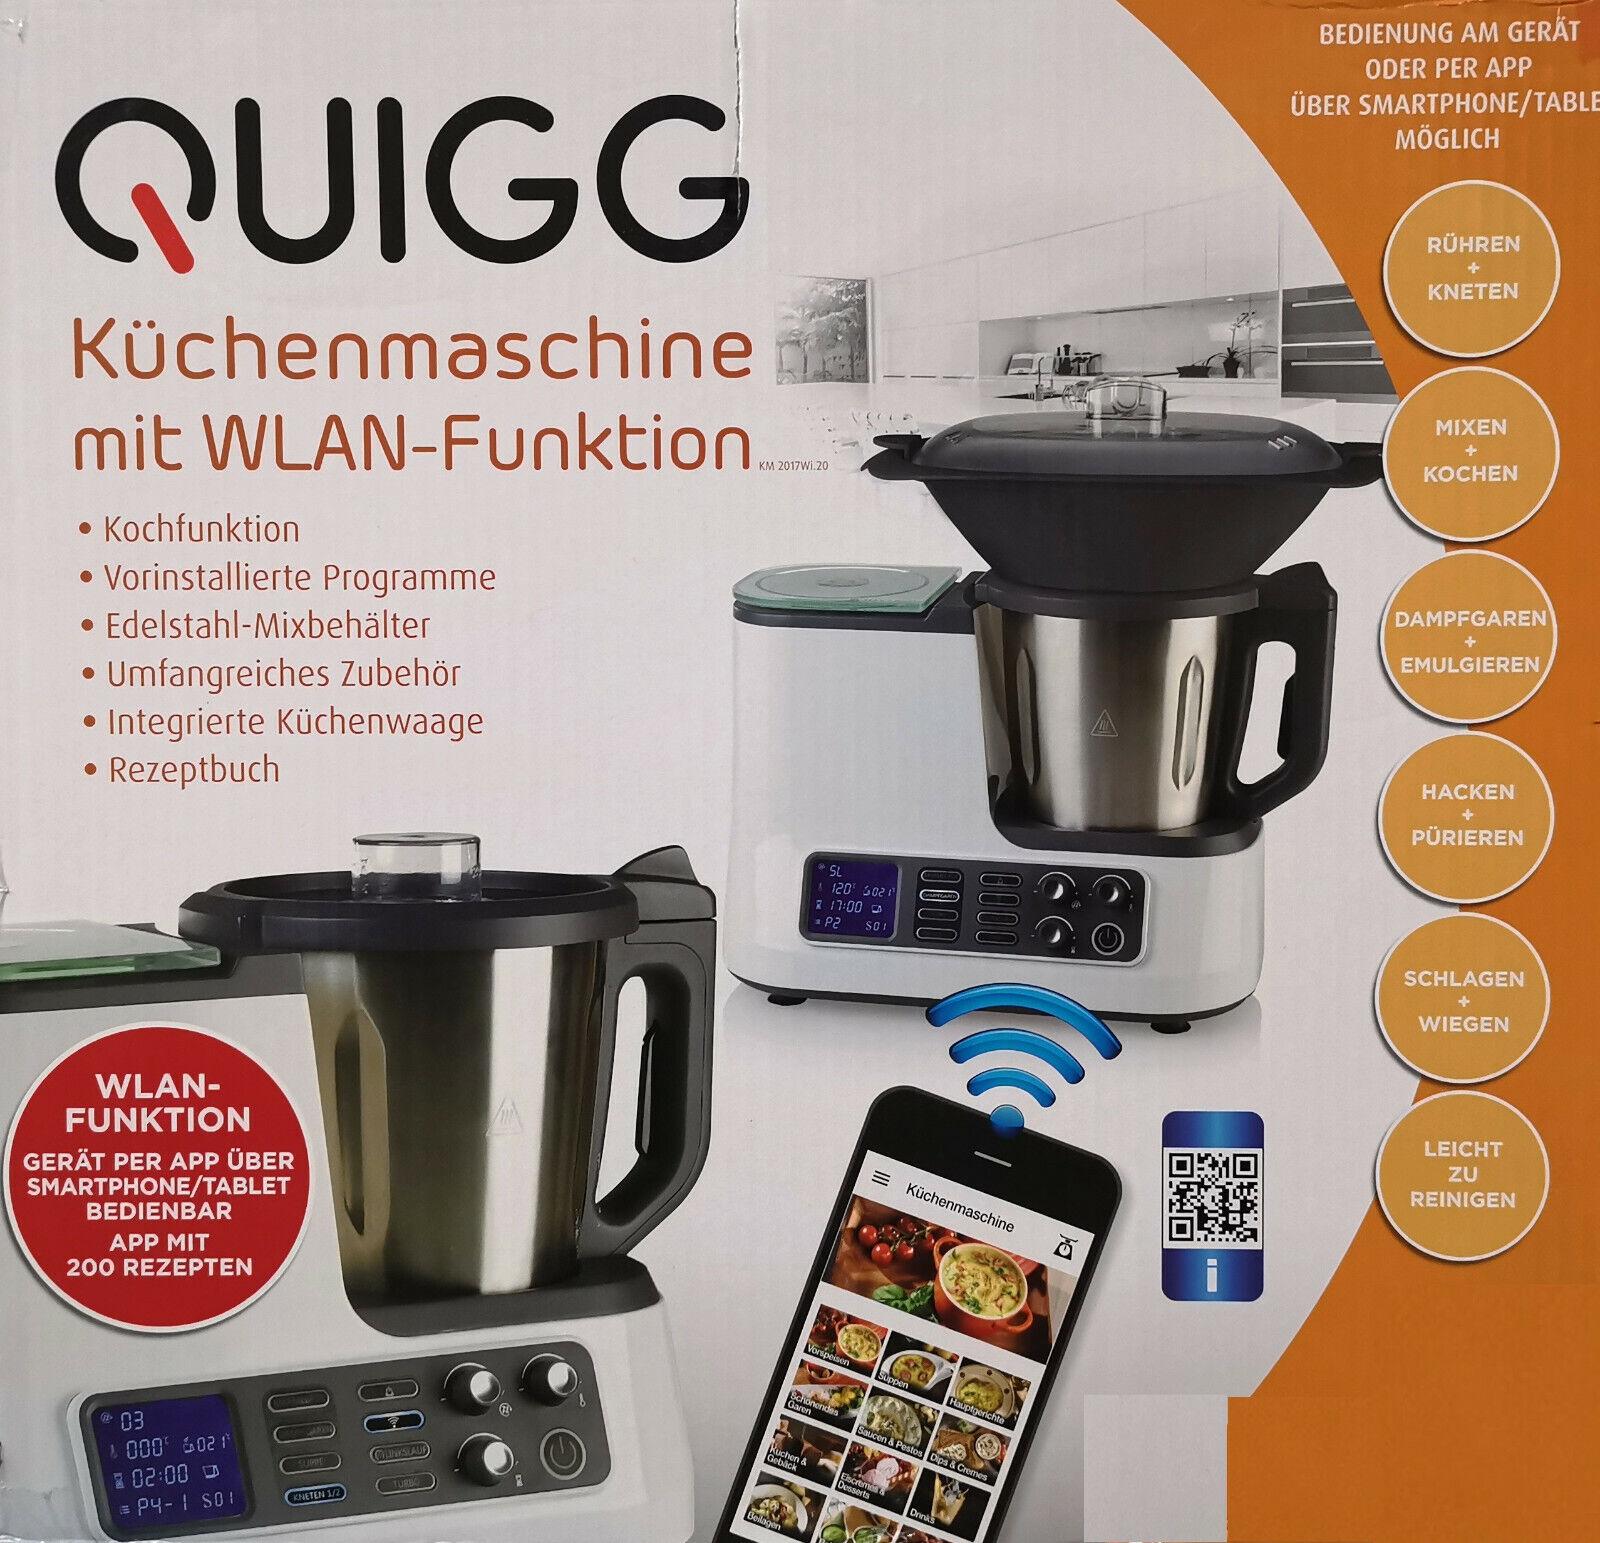 Quigg Küchenmaschine mit WLAN Funktion Kochfunktion Waage App Smartphone